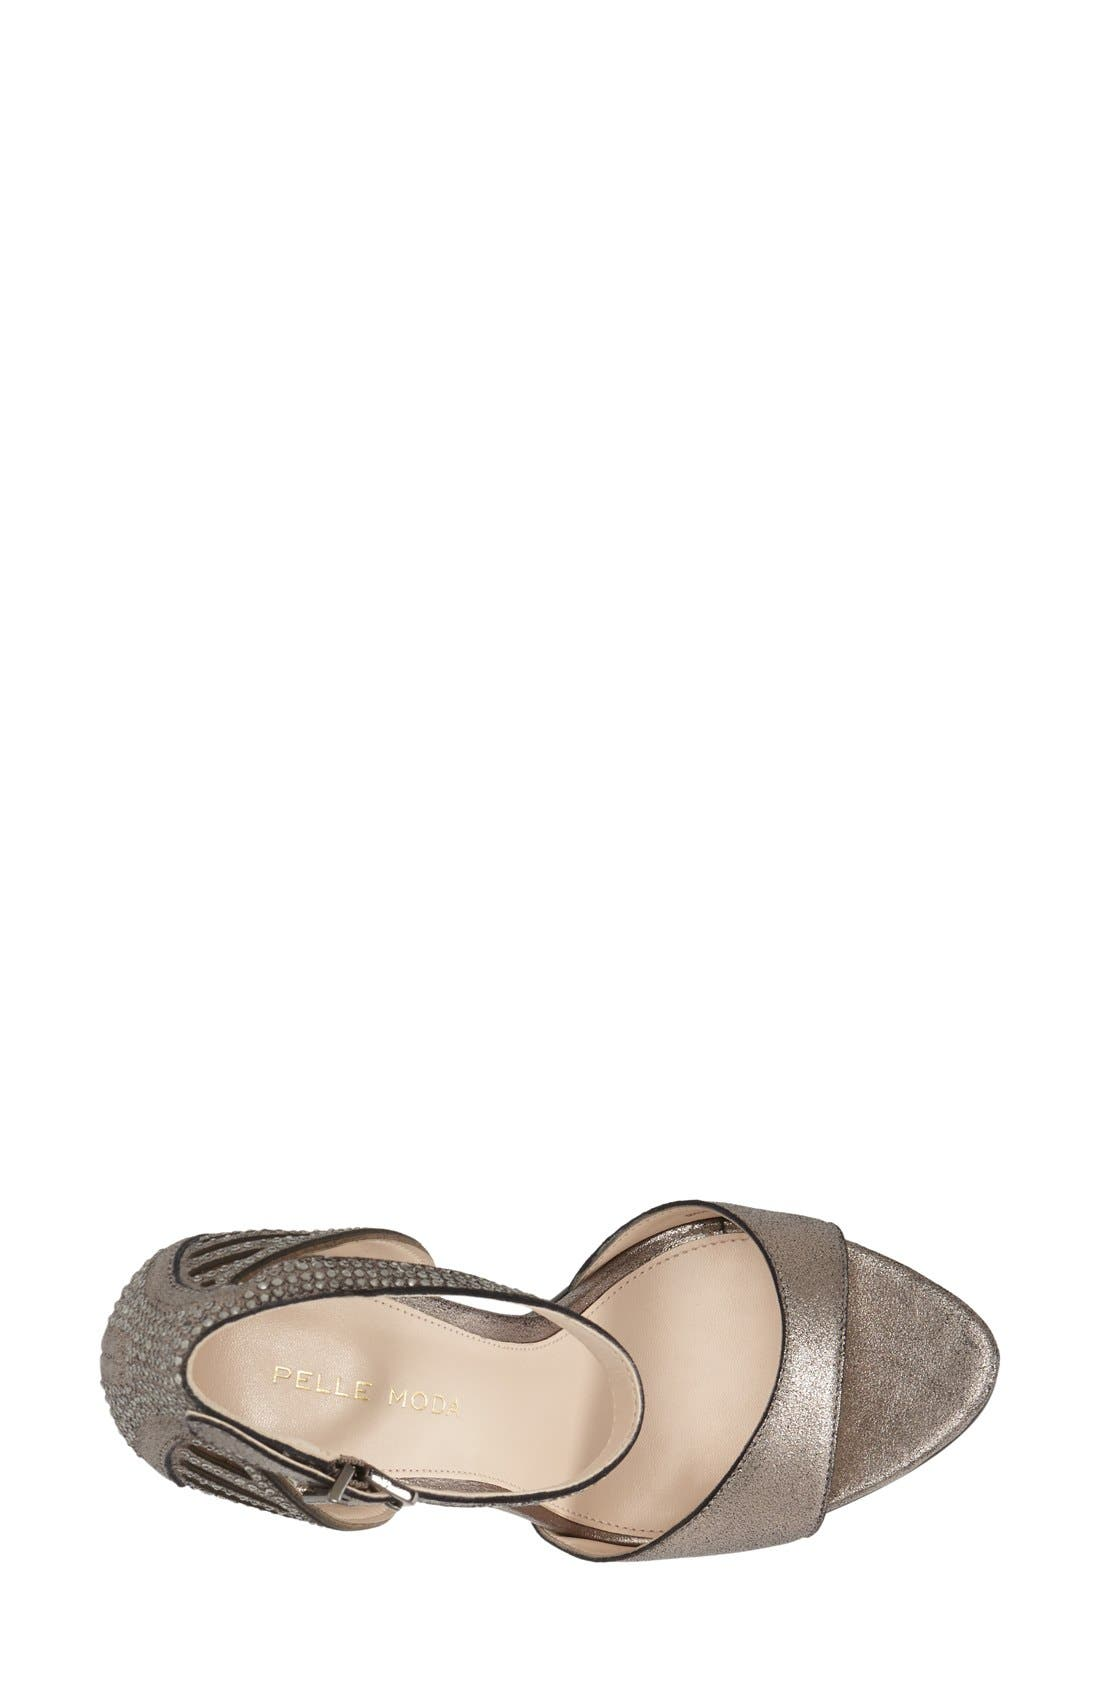 Alternate Image 3  - Pelle Moda 'Fenton' Ankle Strap Sandal (Women)